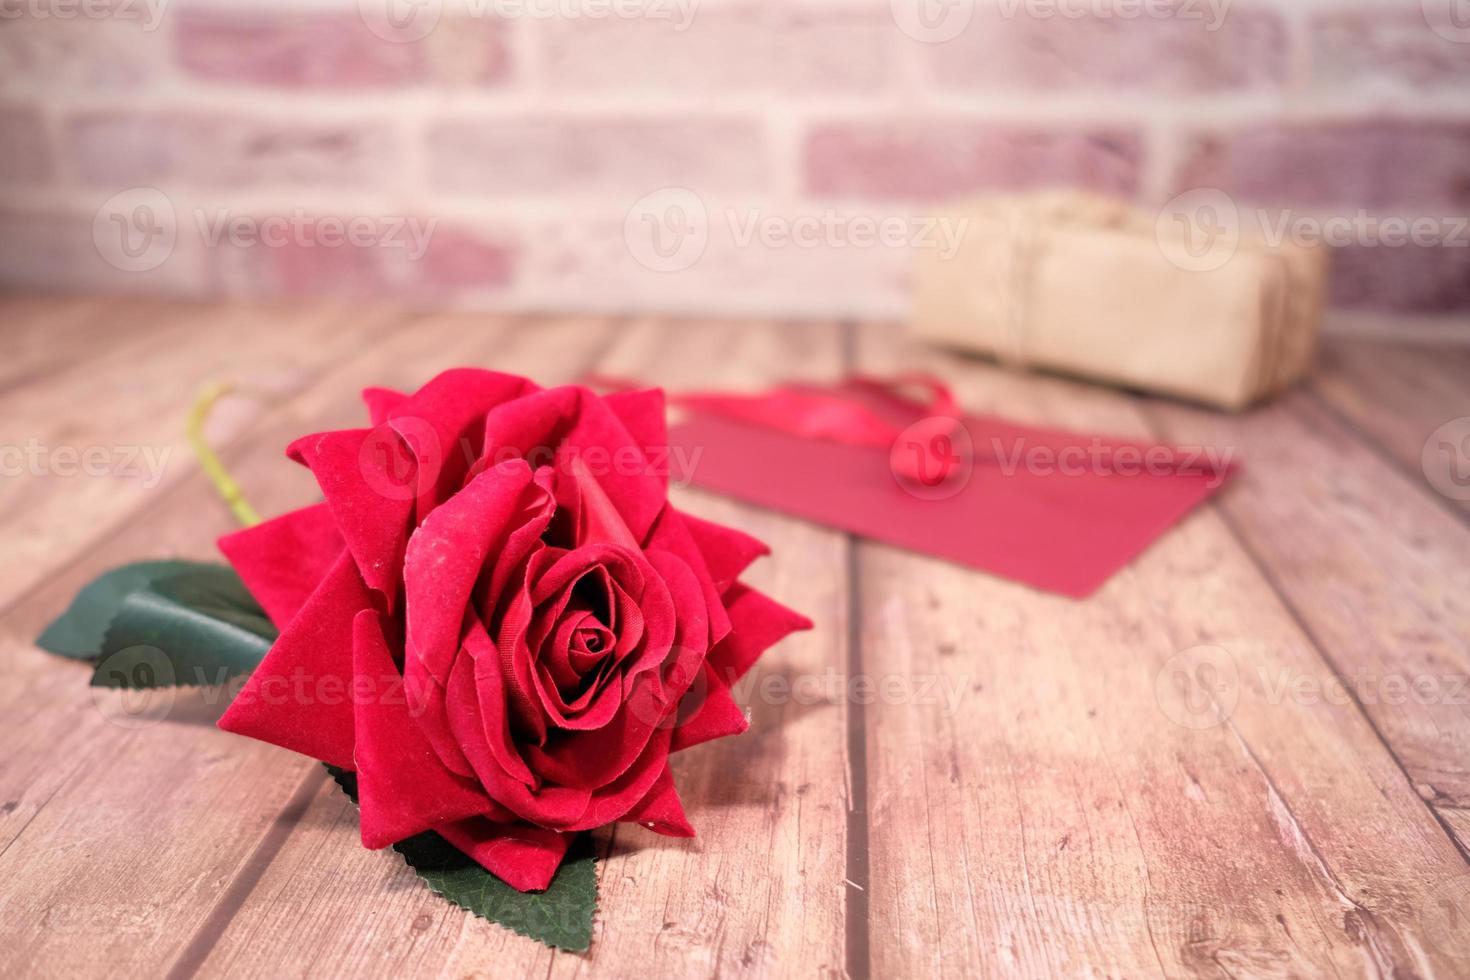 rode roos en Valentijnsdag geschenken op houten tafel foto